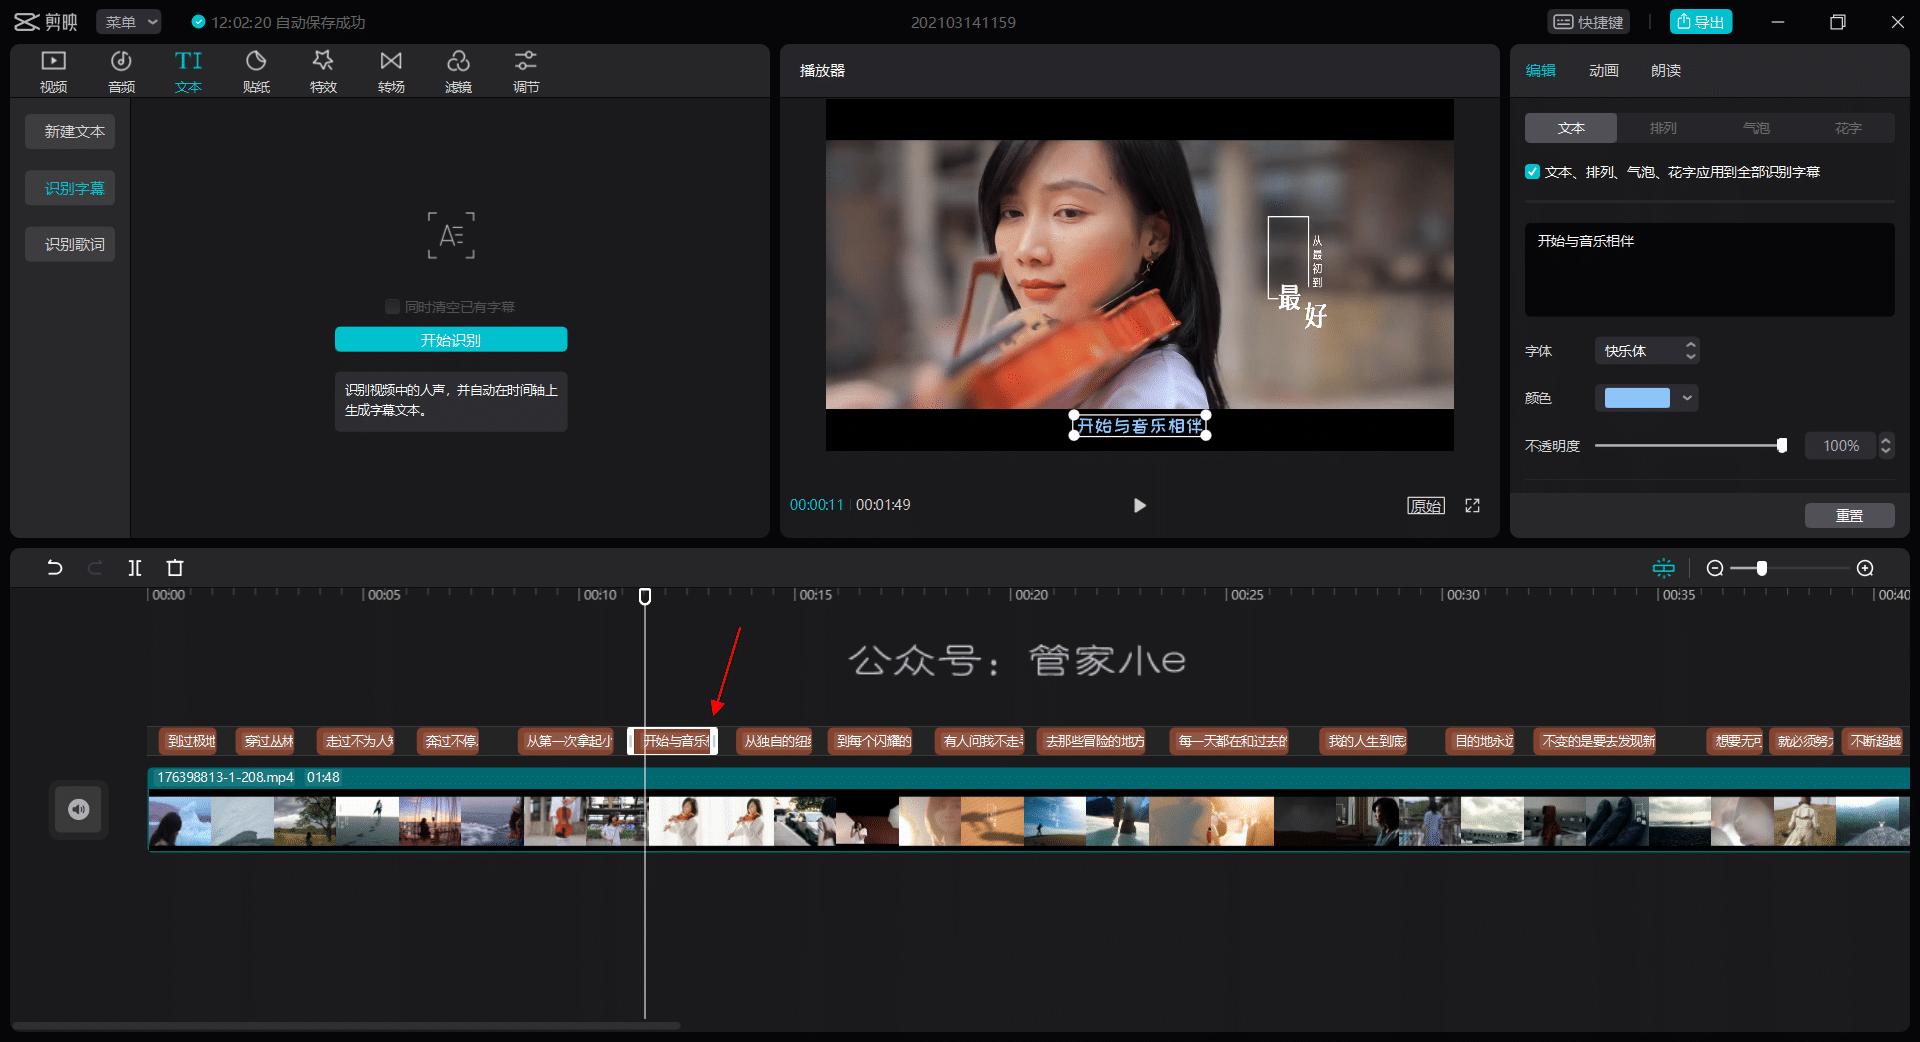 国产神器!视频字幕自动识别,一键添加字幕,完全免费,视频后期必备!-管家小e